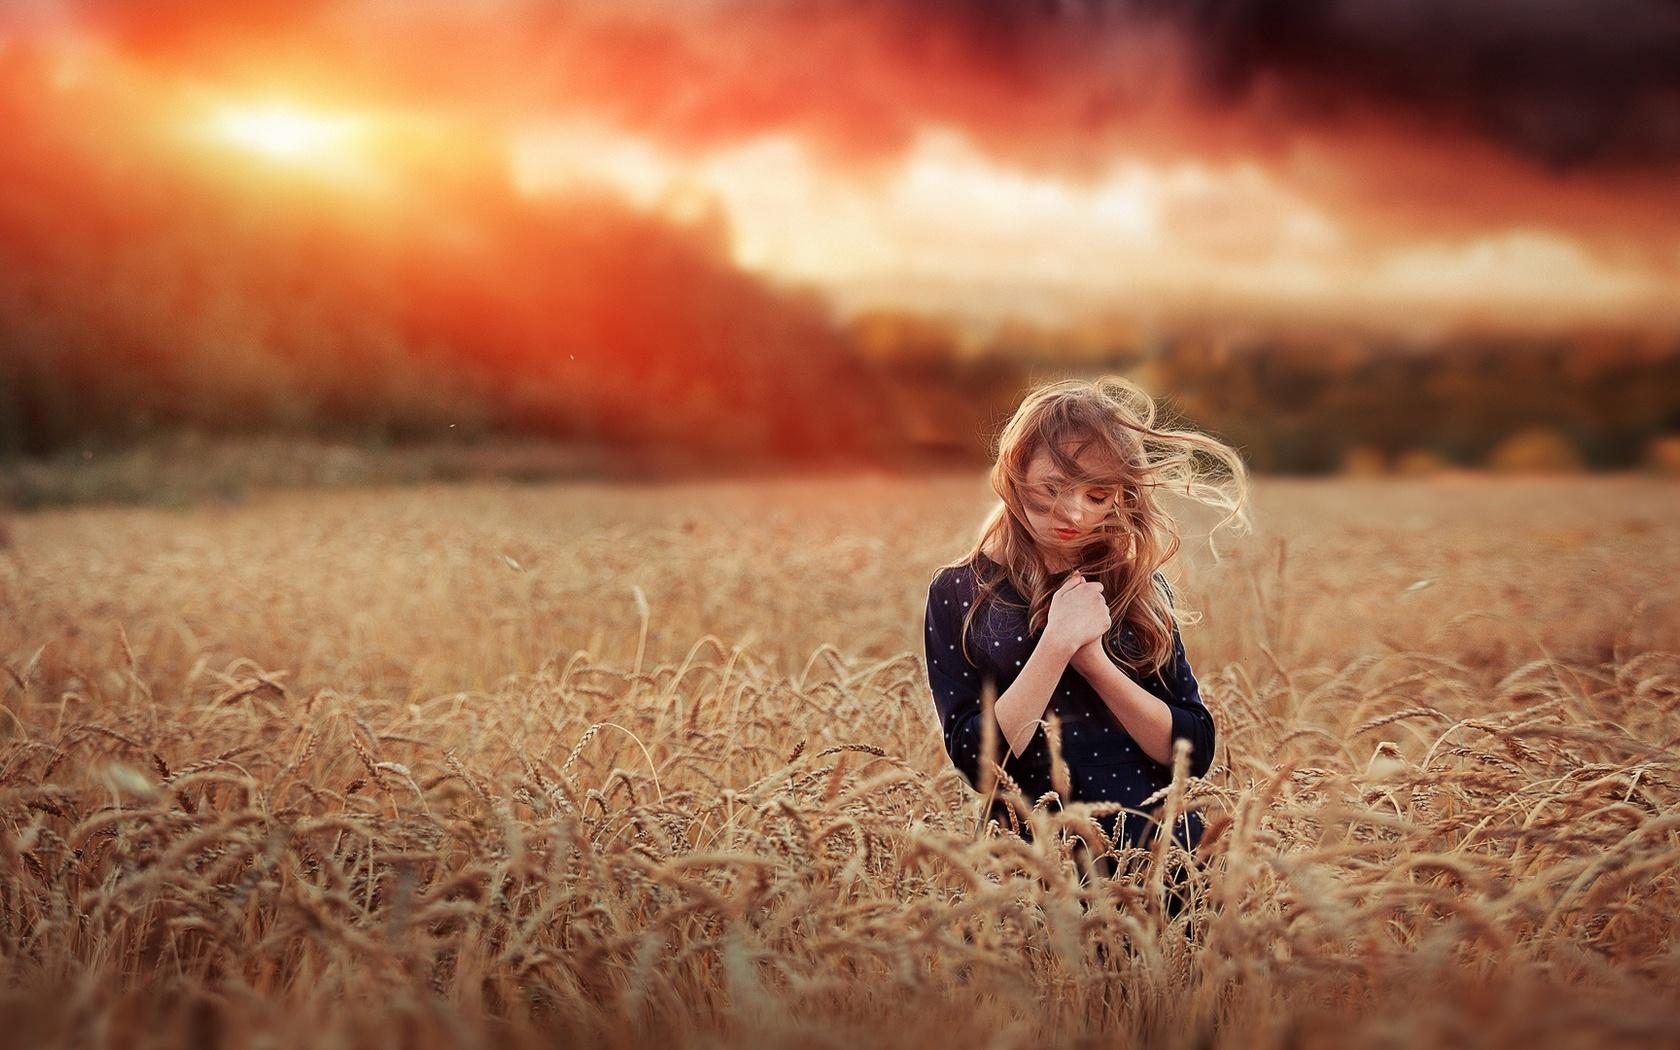 поле, девушка, фото, ренат фотов